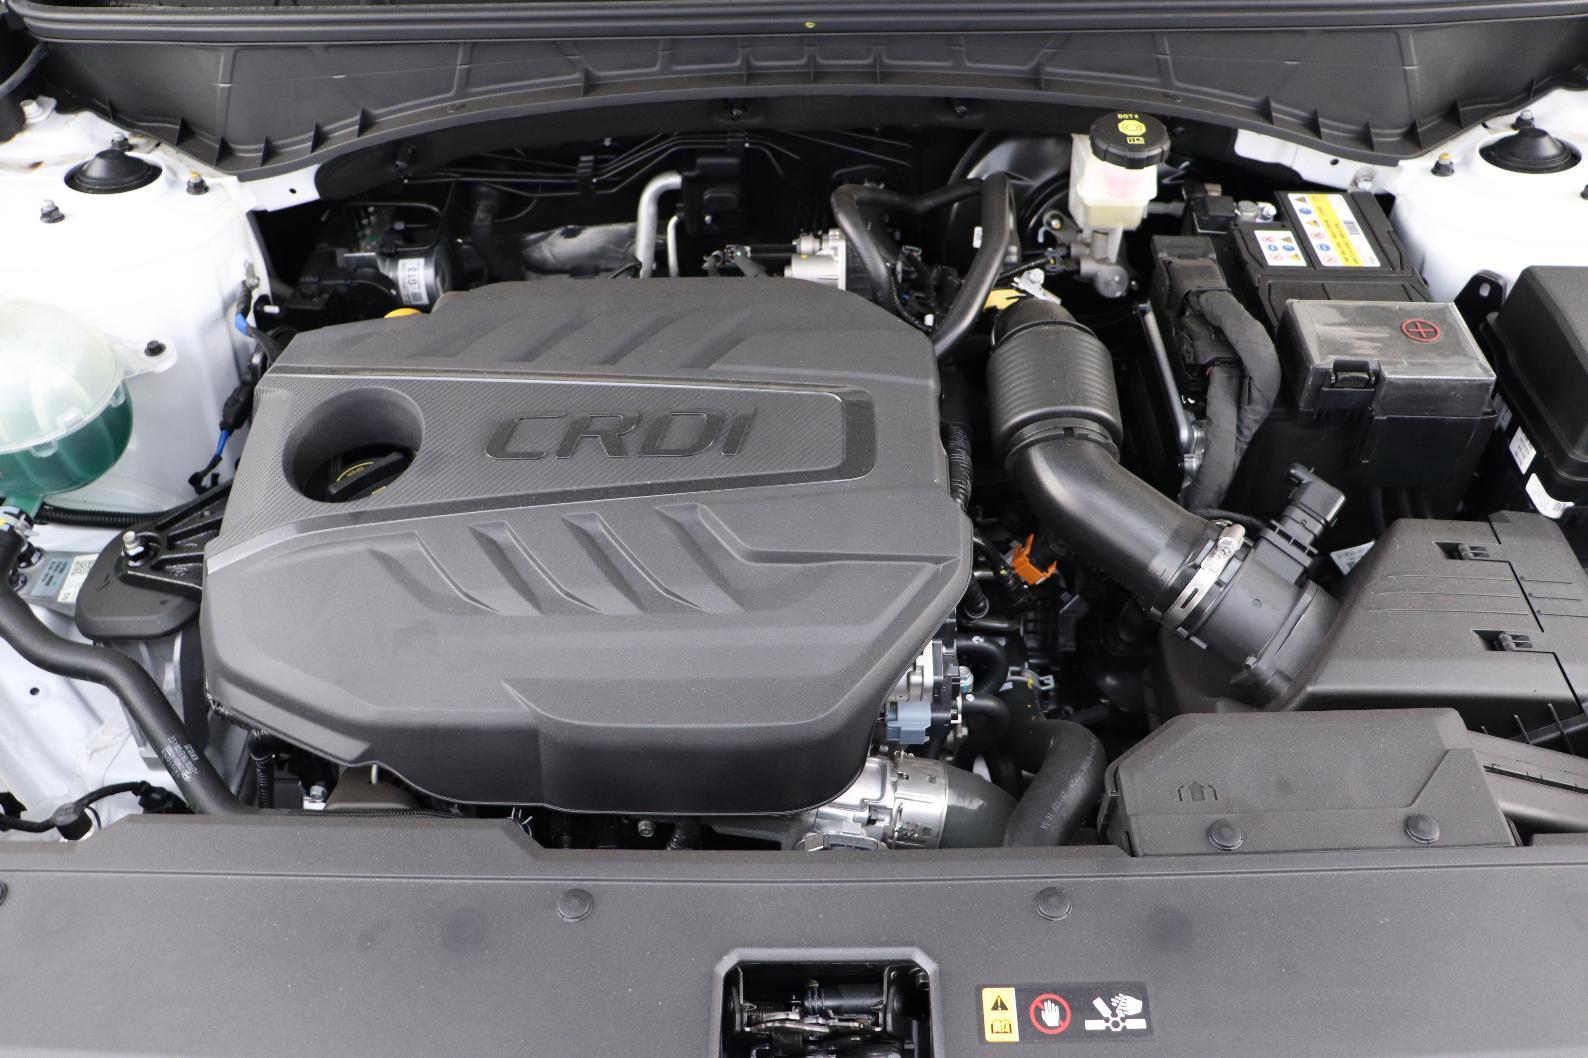 HYUNDAI TUCSON 1.6 CRDi 136 hybrid 48V DCT-7 Creative